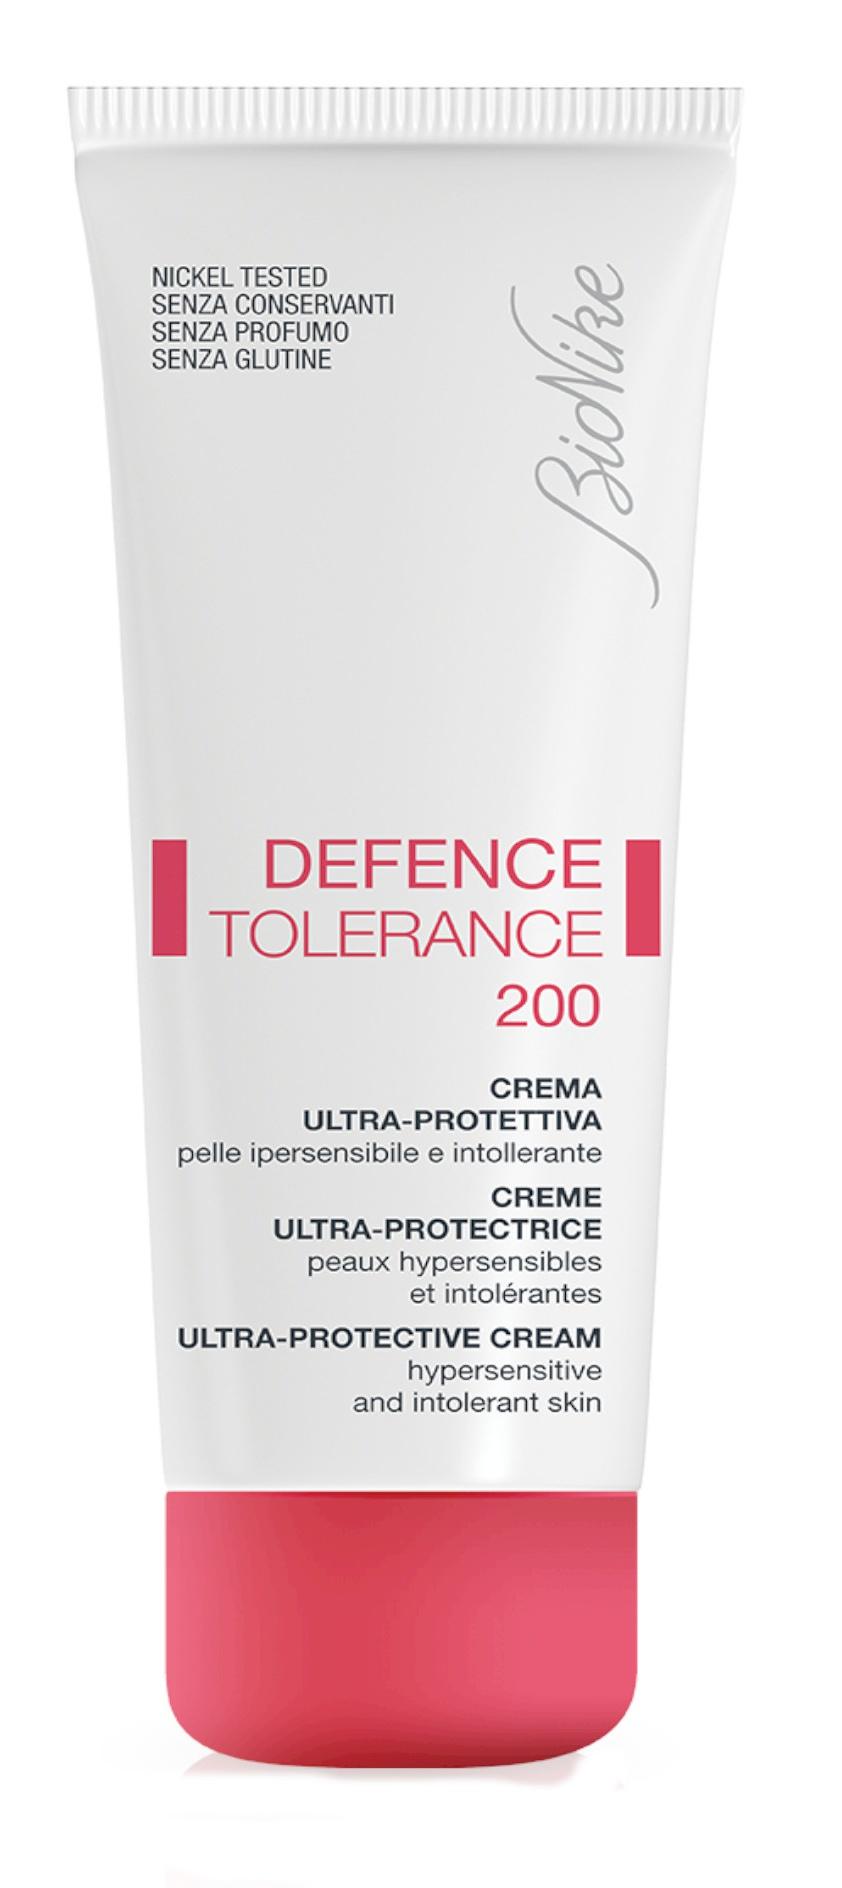 Bionike Defence Tolerance 200 Crema Ultra-Protettiva